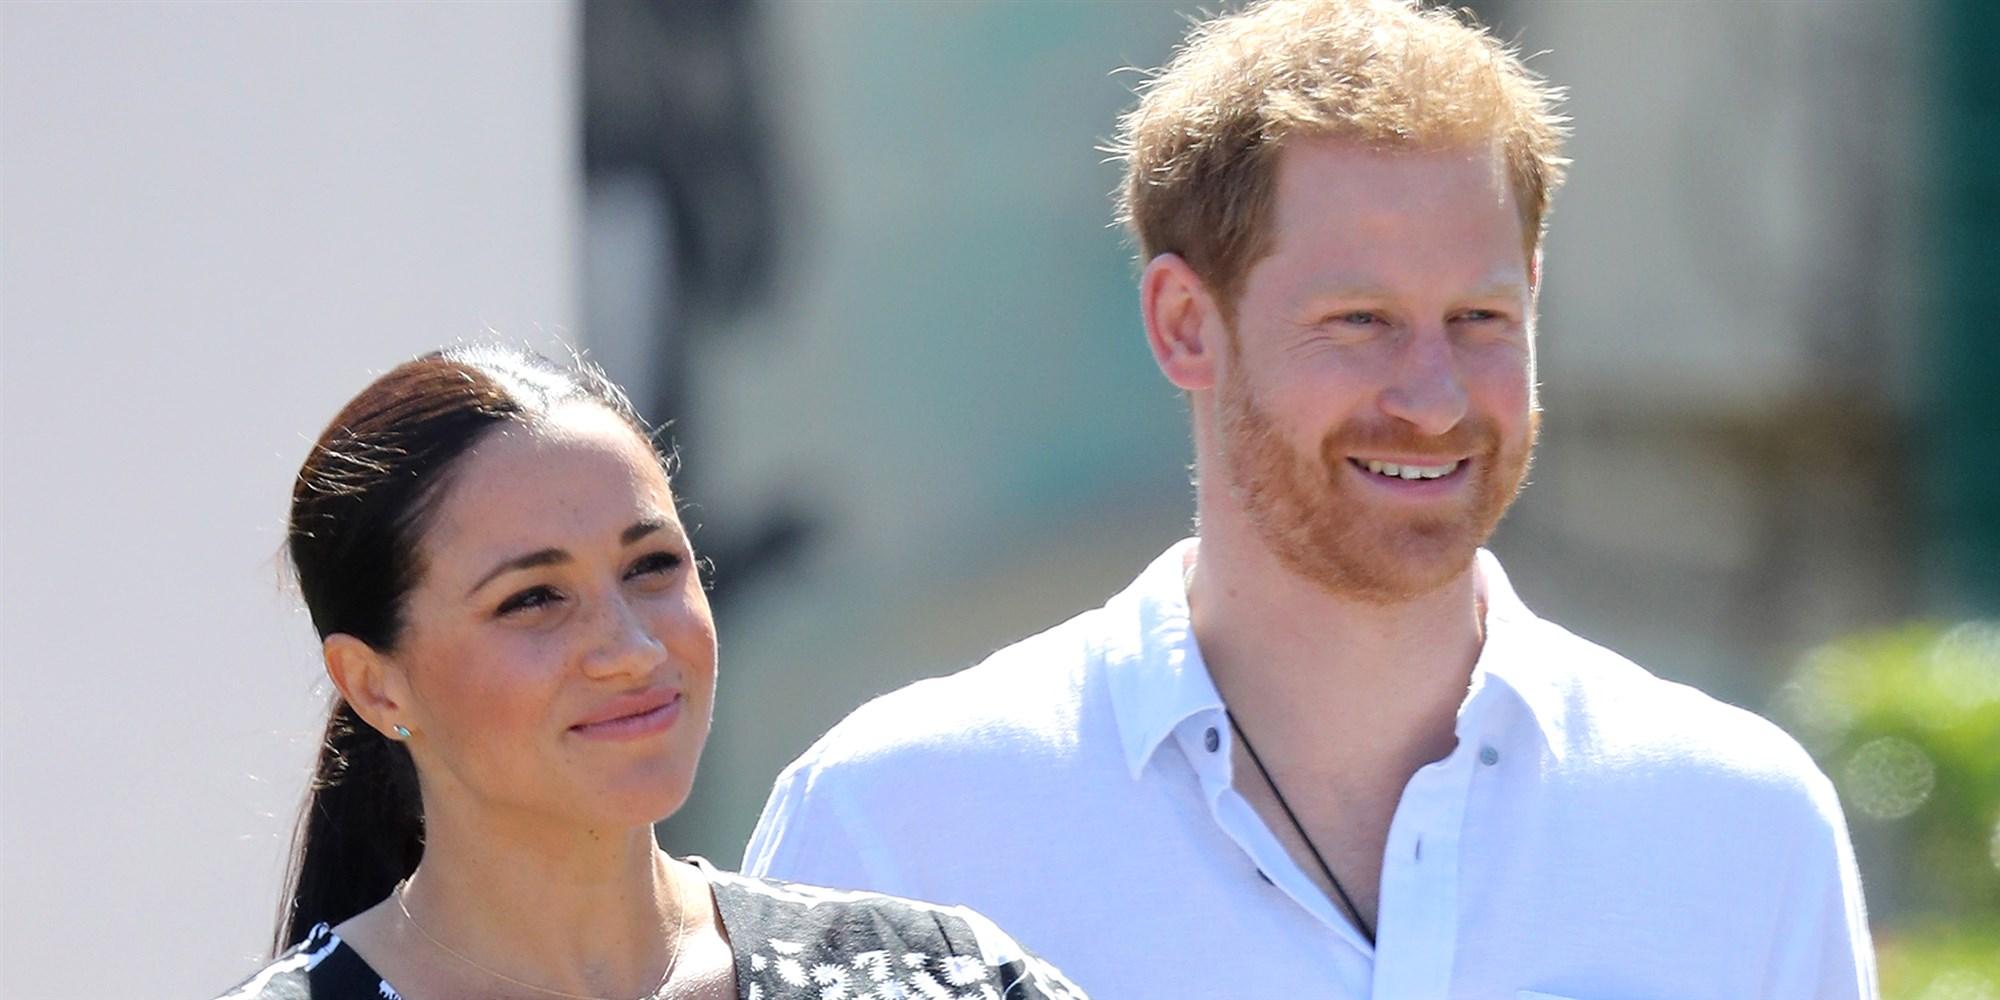 الأمير هاري وميغان ماركل دوقة ساسكس عن أول صفقة مربحة لهم مع Netflix